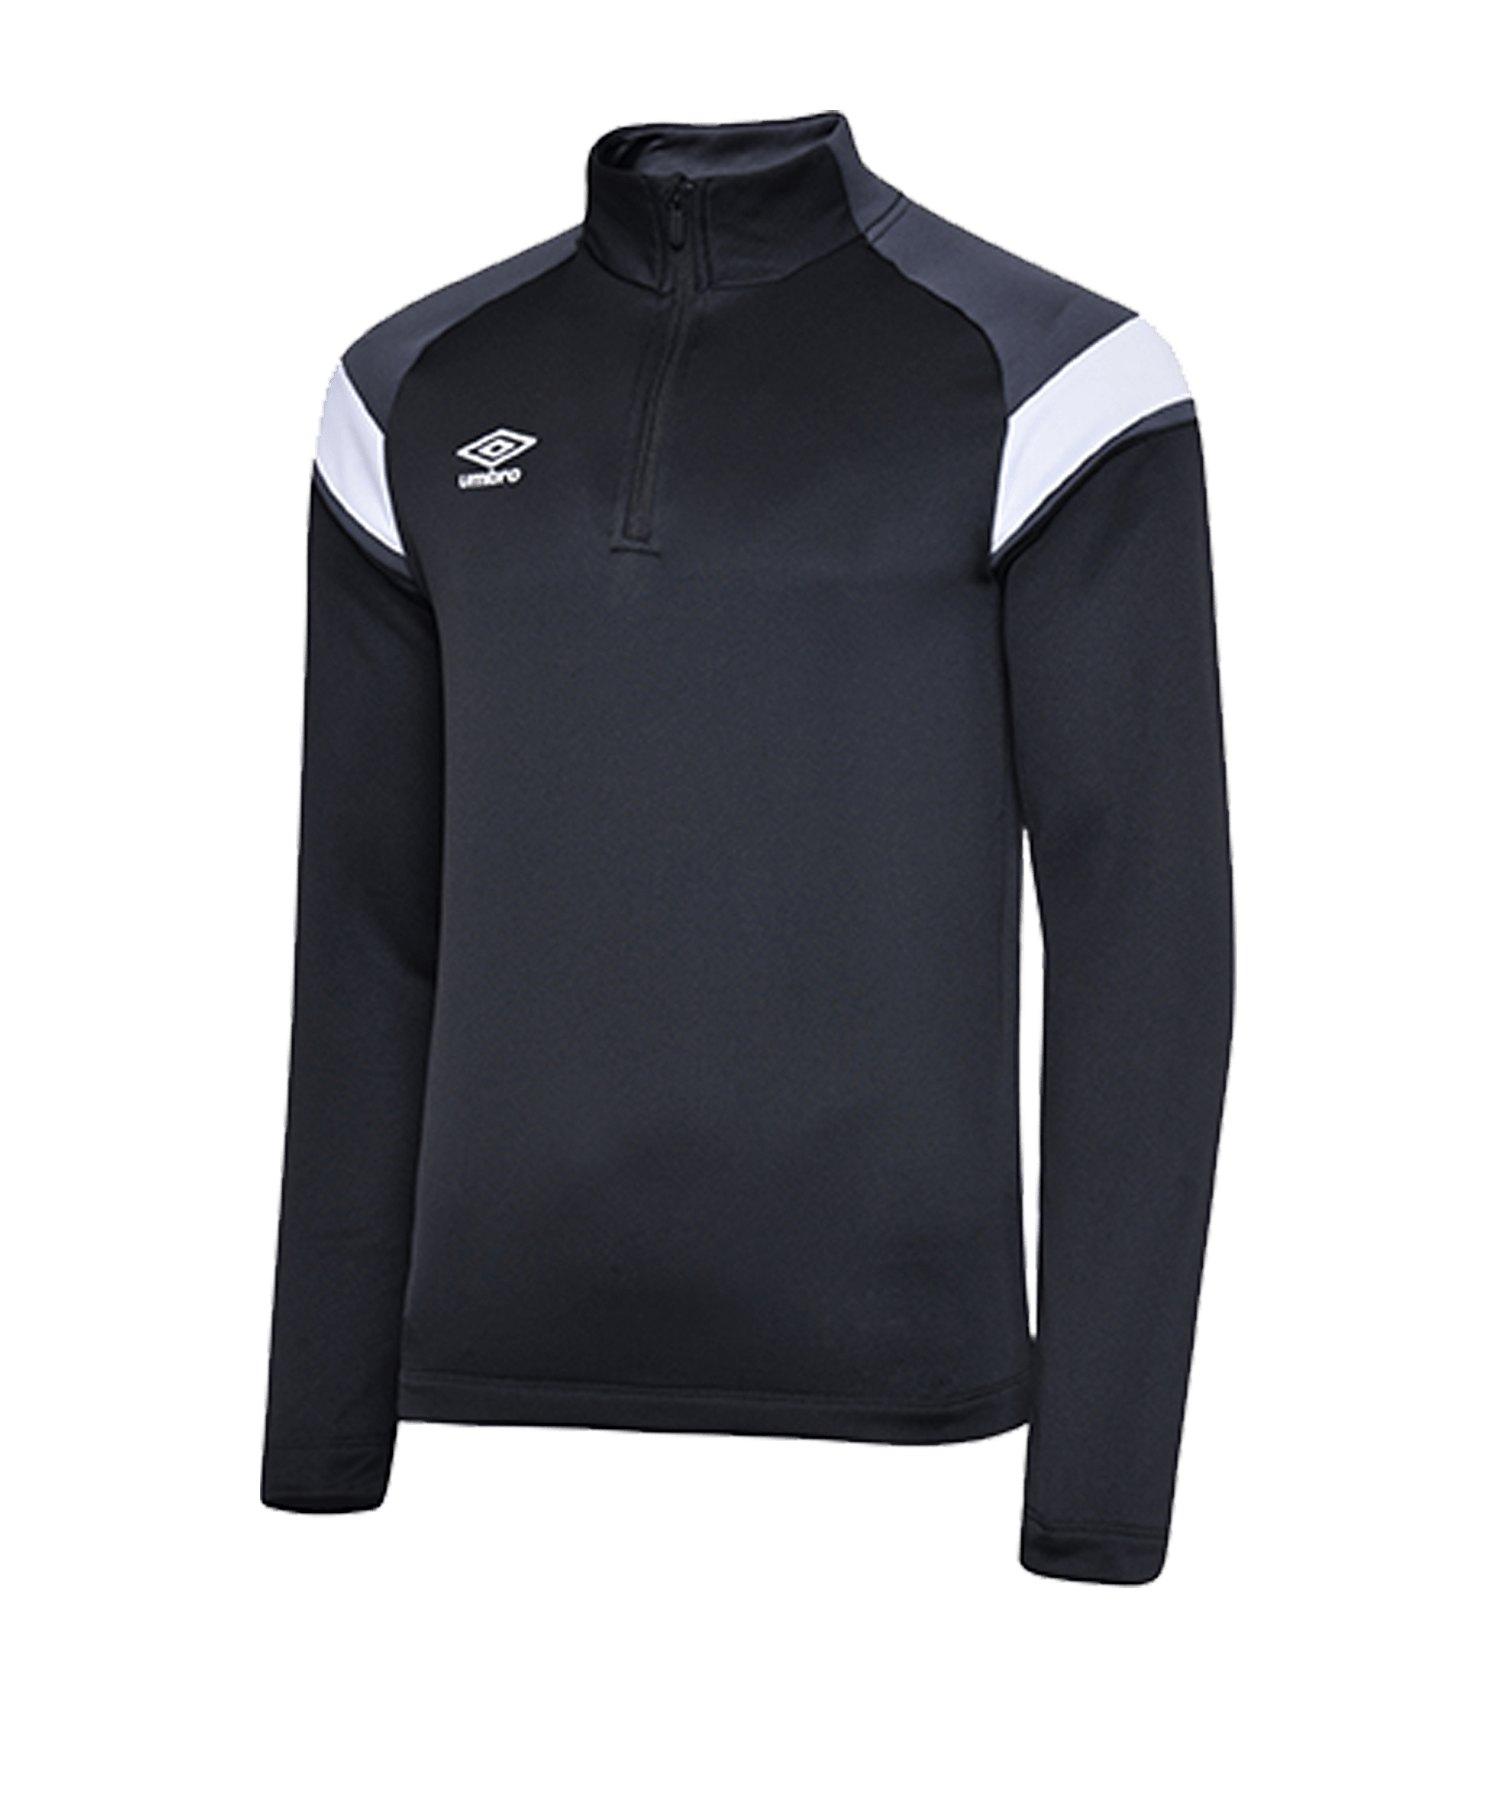 Umbro 1/2 Zip Sweatshirt Schwarz Grau GR6 - schwarz